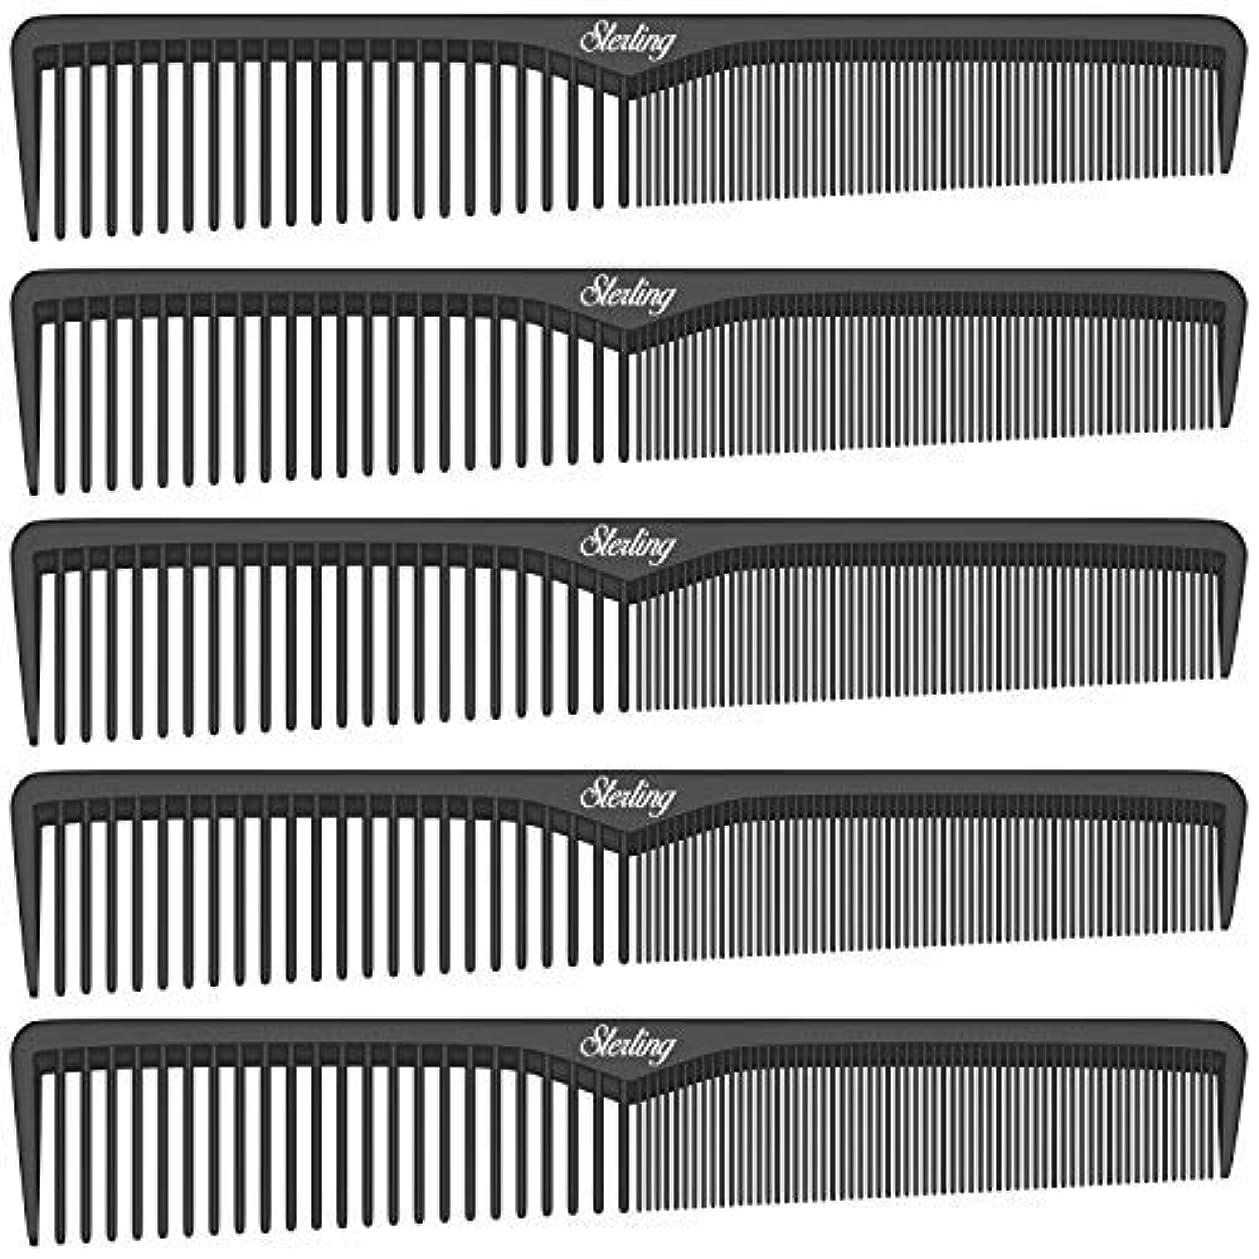 地下鉄スペースジョージバーナードSterling Beauty Tools Styling Combs, Professional 7